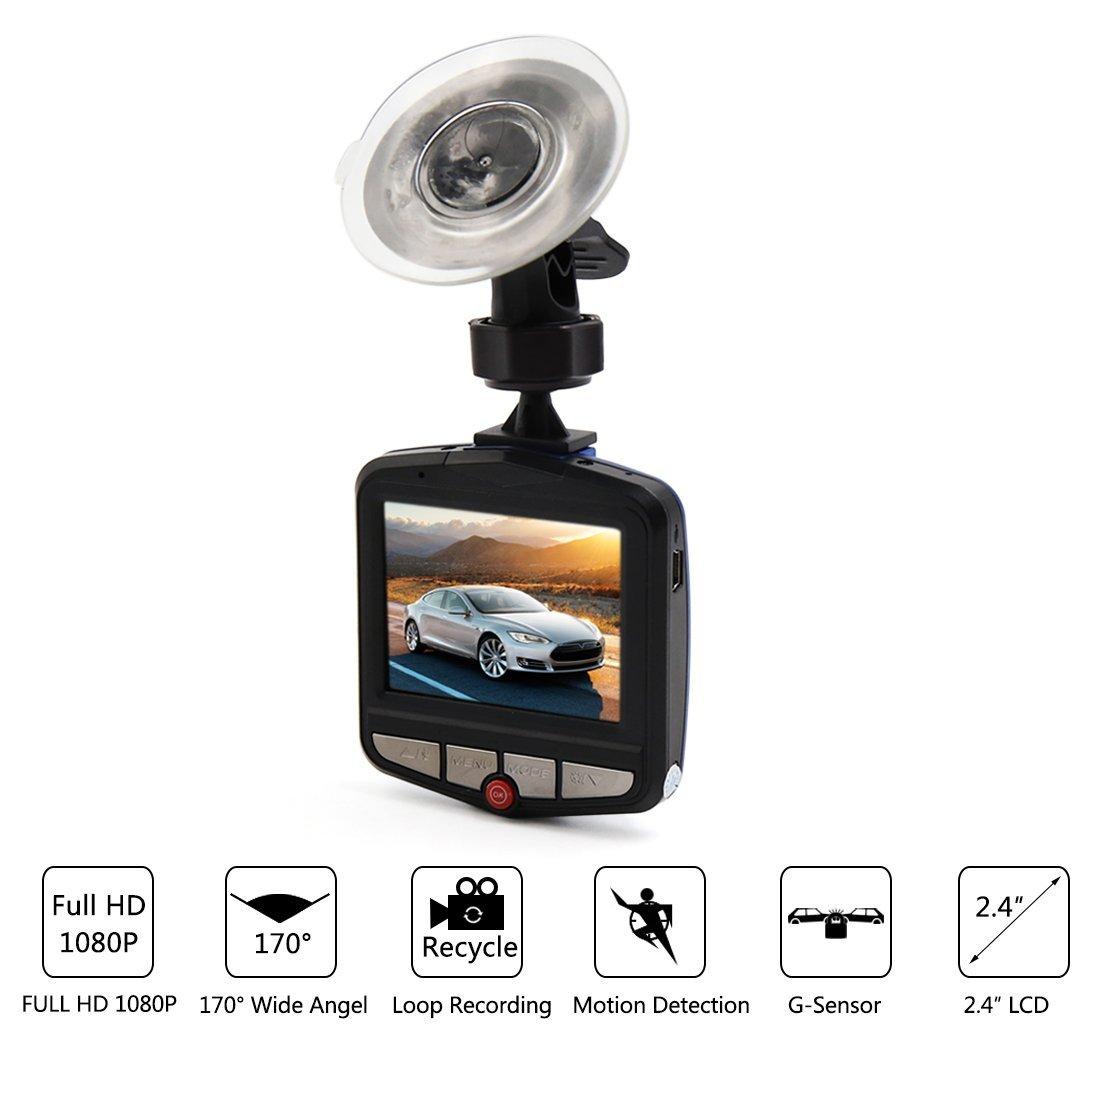 ... granangular la conducción del Video de la videocámara de apoyo de visión nocturna de detección de movimiento Vigilancia Aparcamiento: Car Electronics